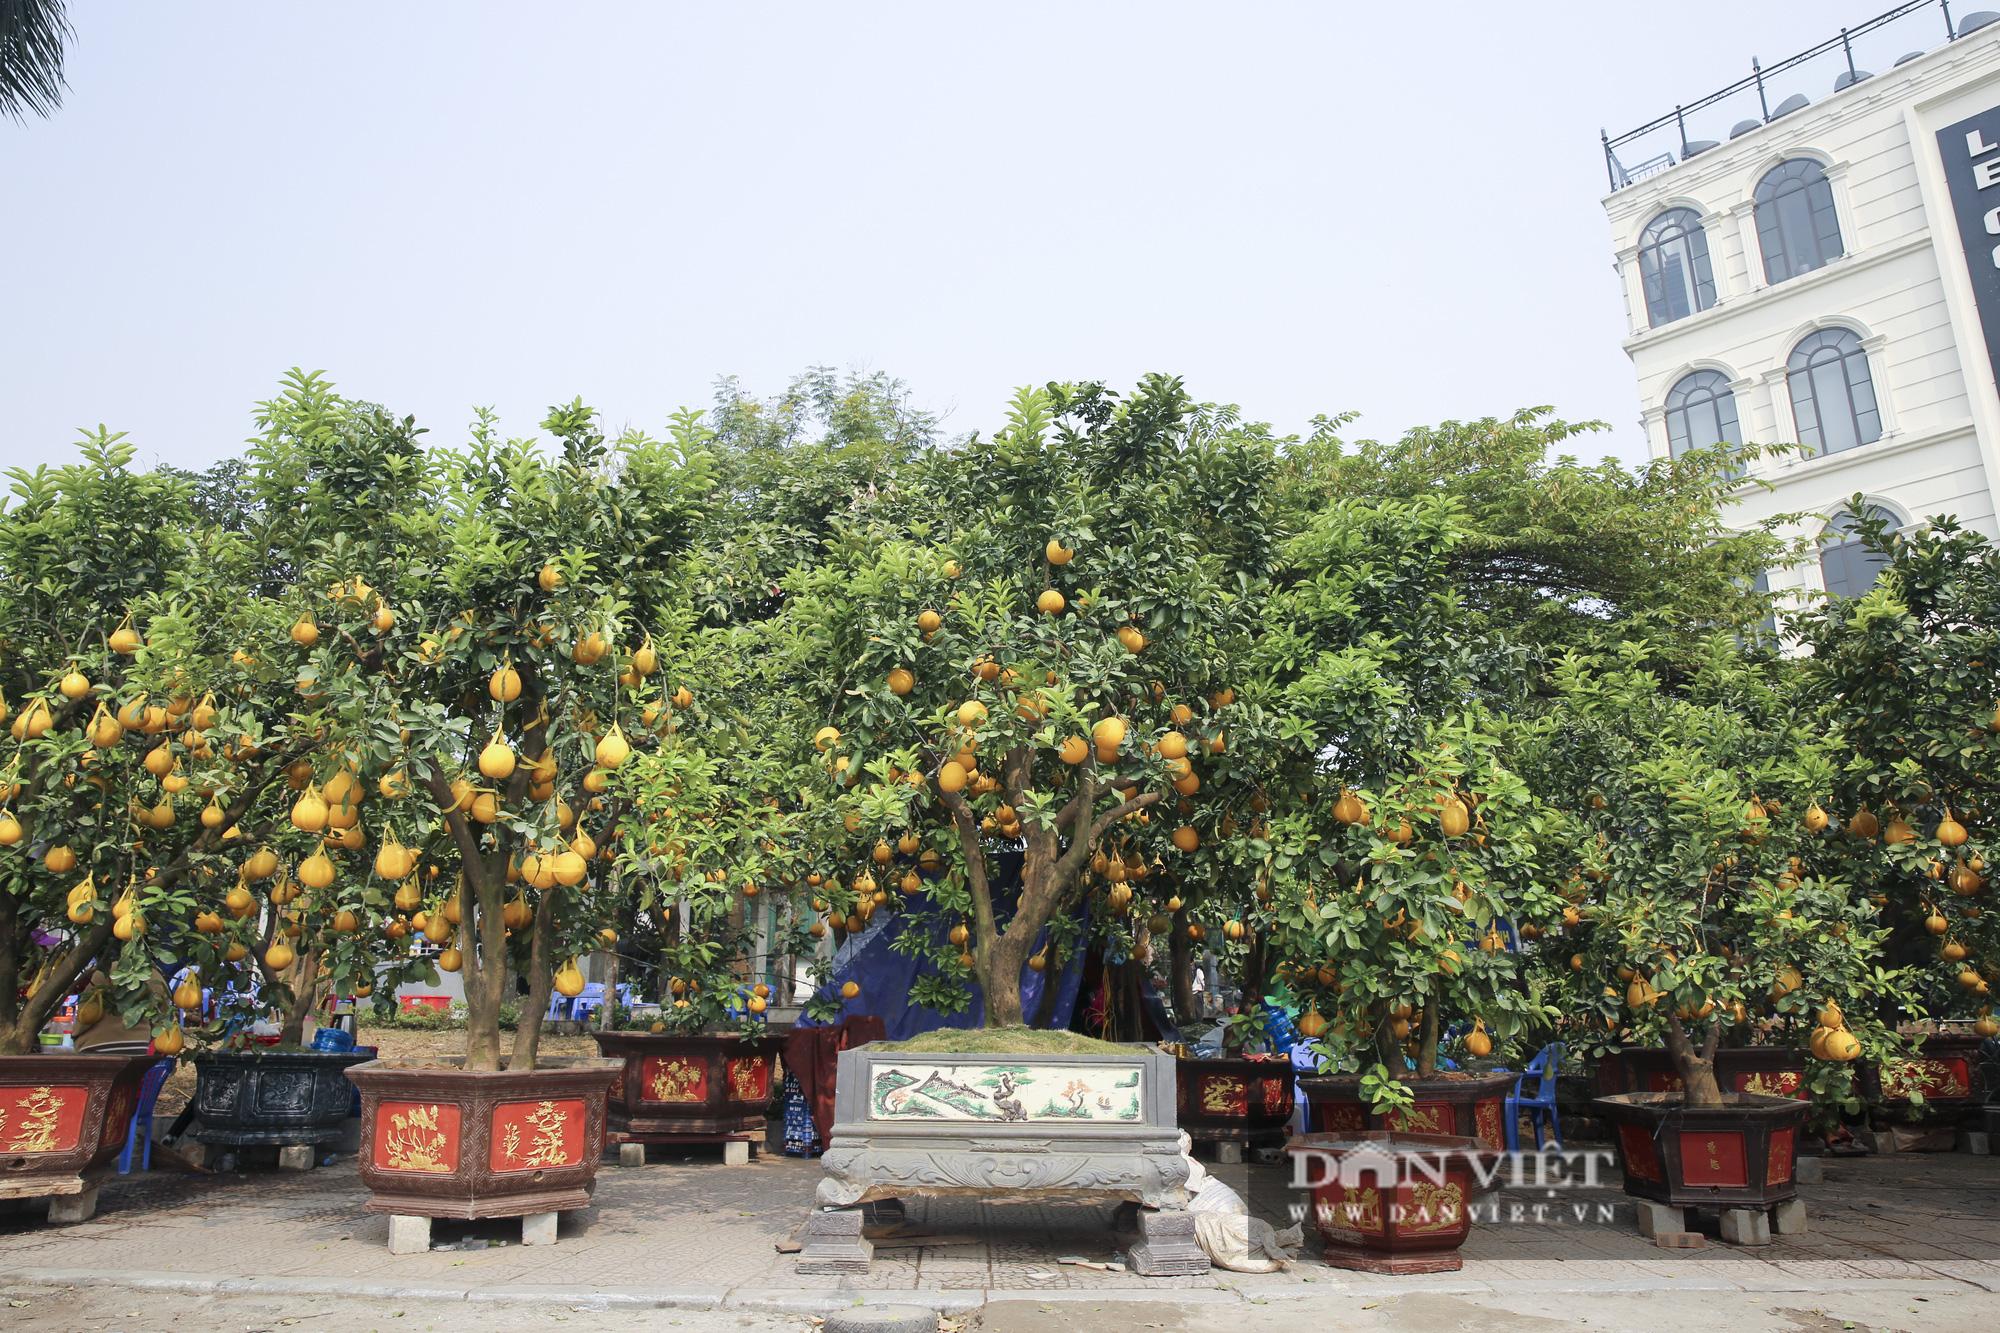 Bưởi cảnh trĩu quả giá chục triệu xuất hiện tại đường phố Hà Nội - Ảnh 13.